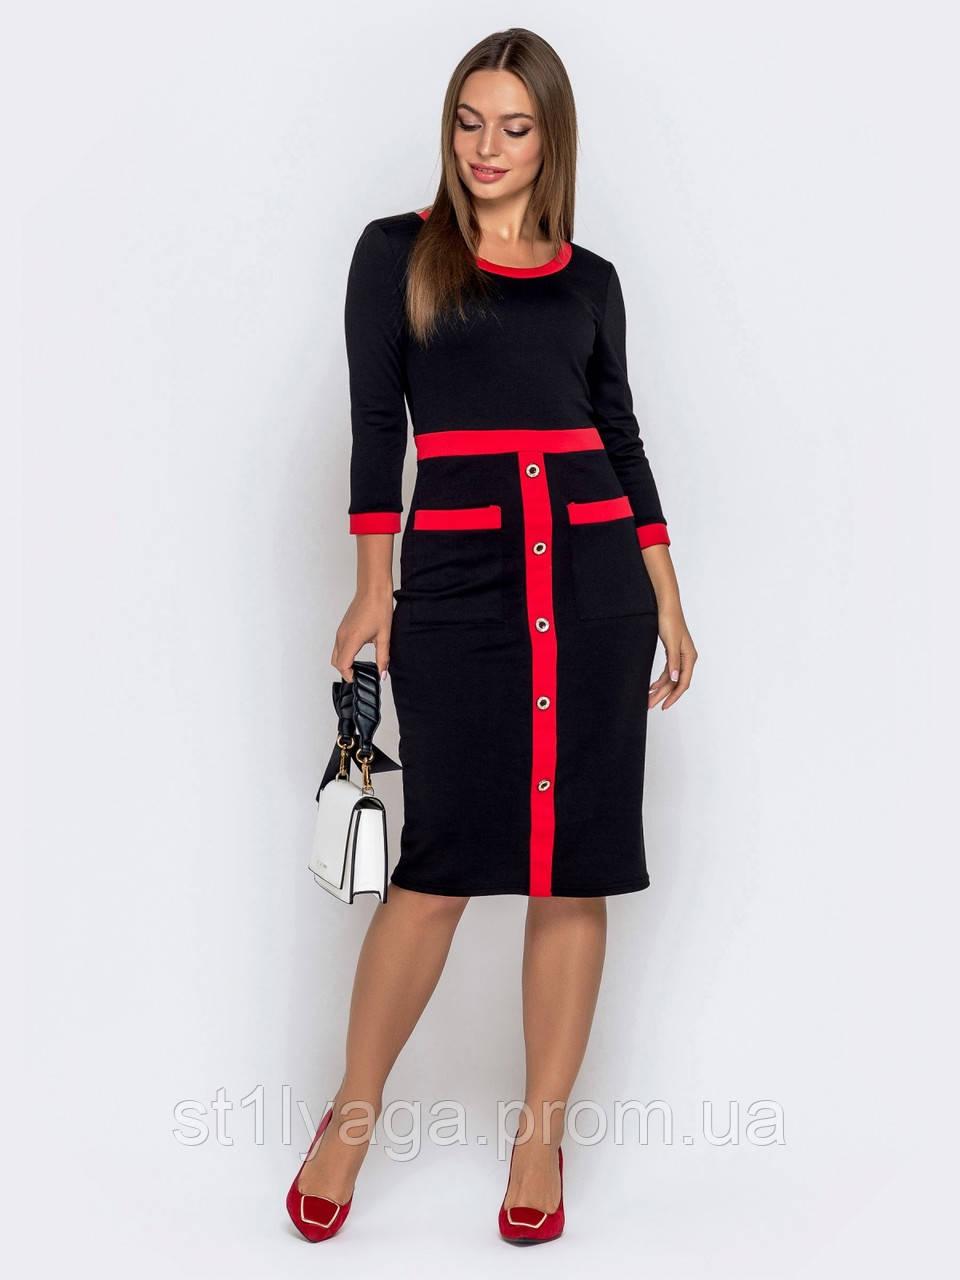 Приталенное платье из трикотажа с рукавами три четверти и контрастной планкой с декоративными пуговицами